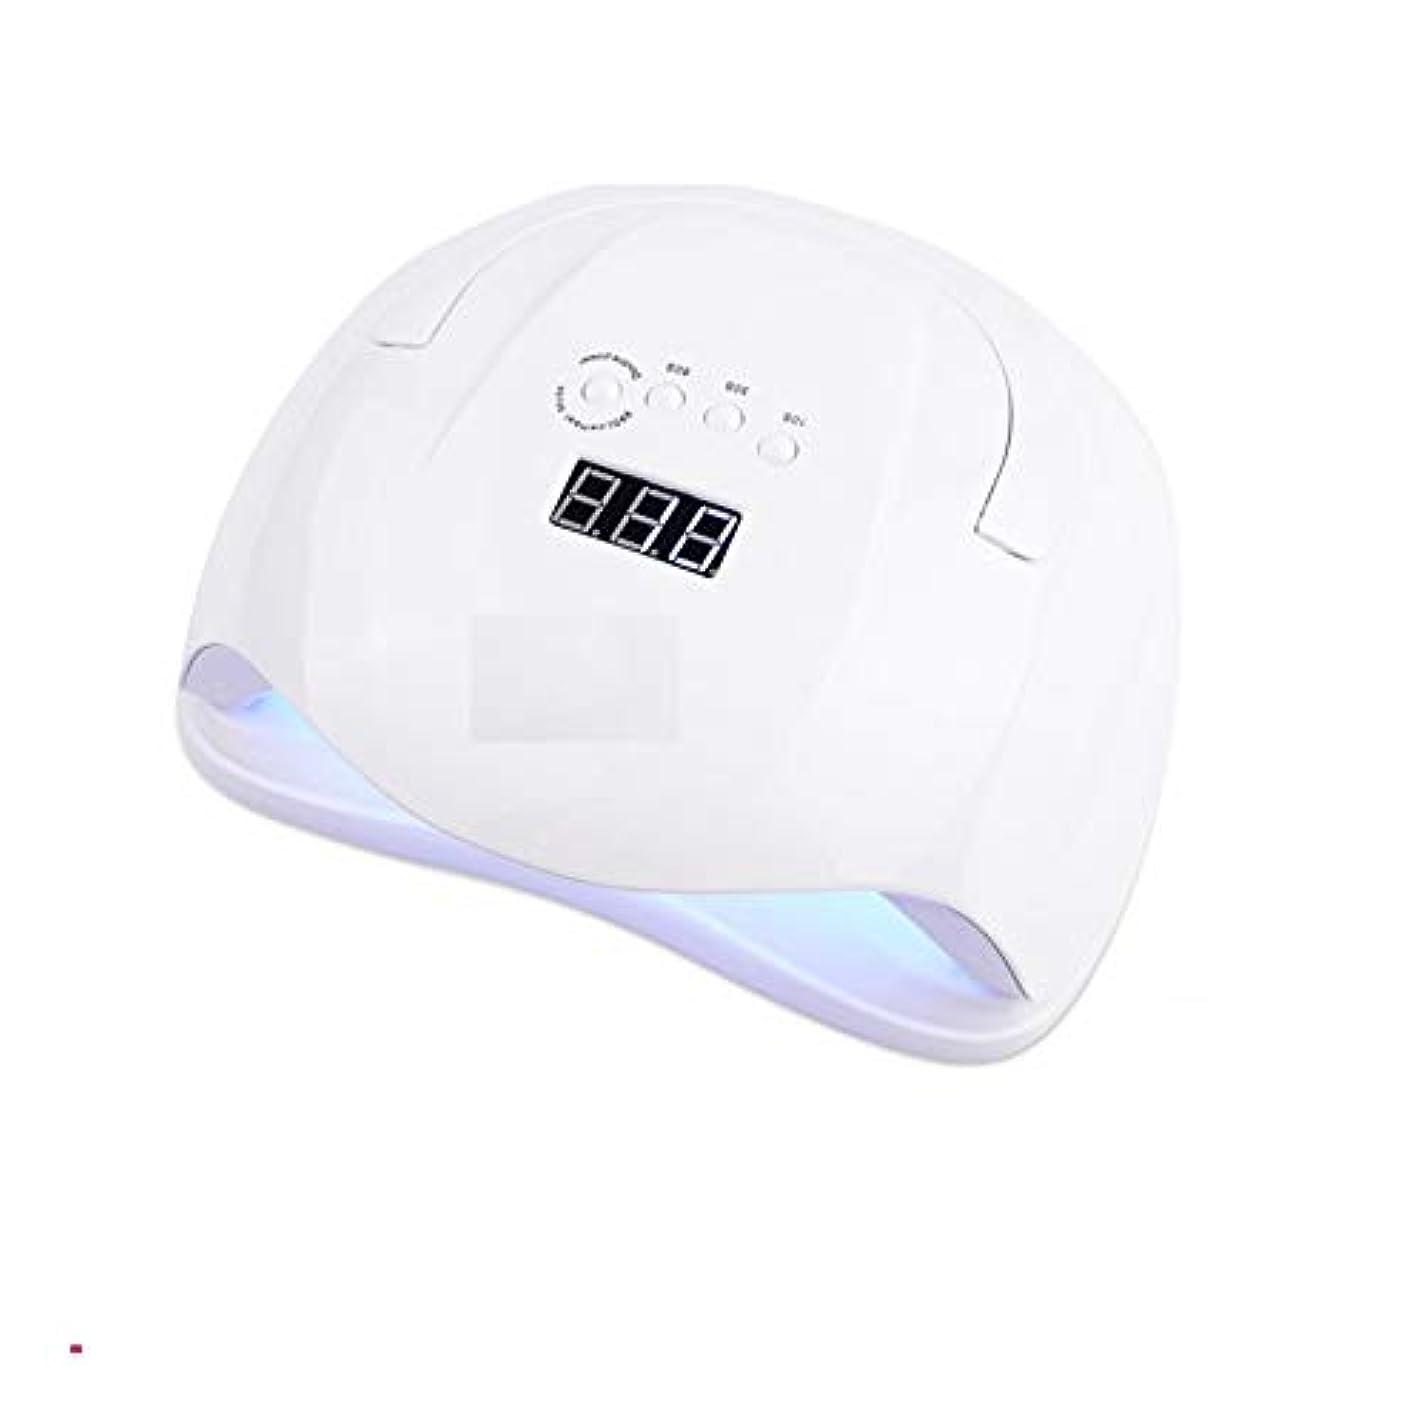 あいまいなハッチ痛みLittleCat 54WランプLEDセンサーライト光線療法ネイルマシンを乾燥させるためにポーランドのツールグルーネイル (色 : European standard circular plug)